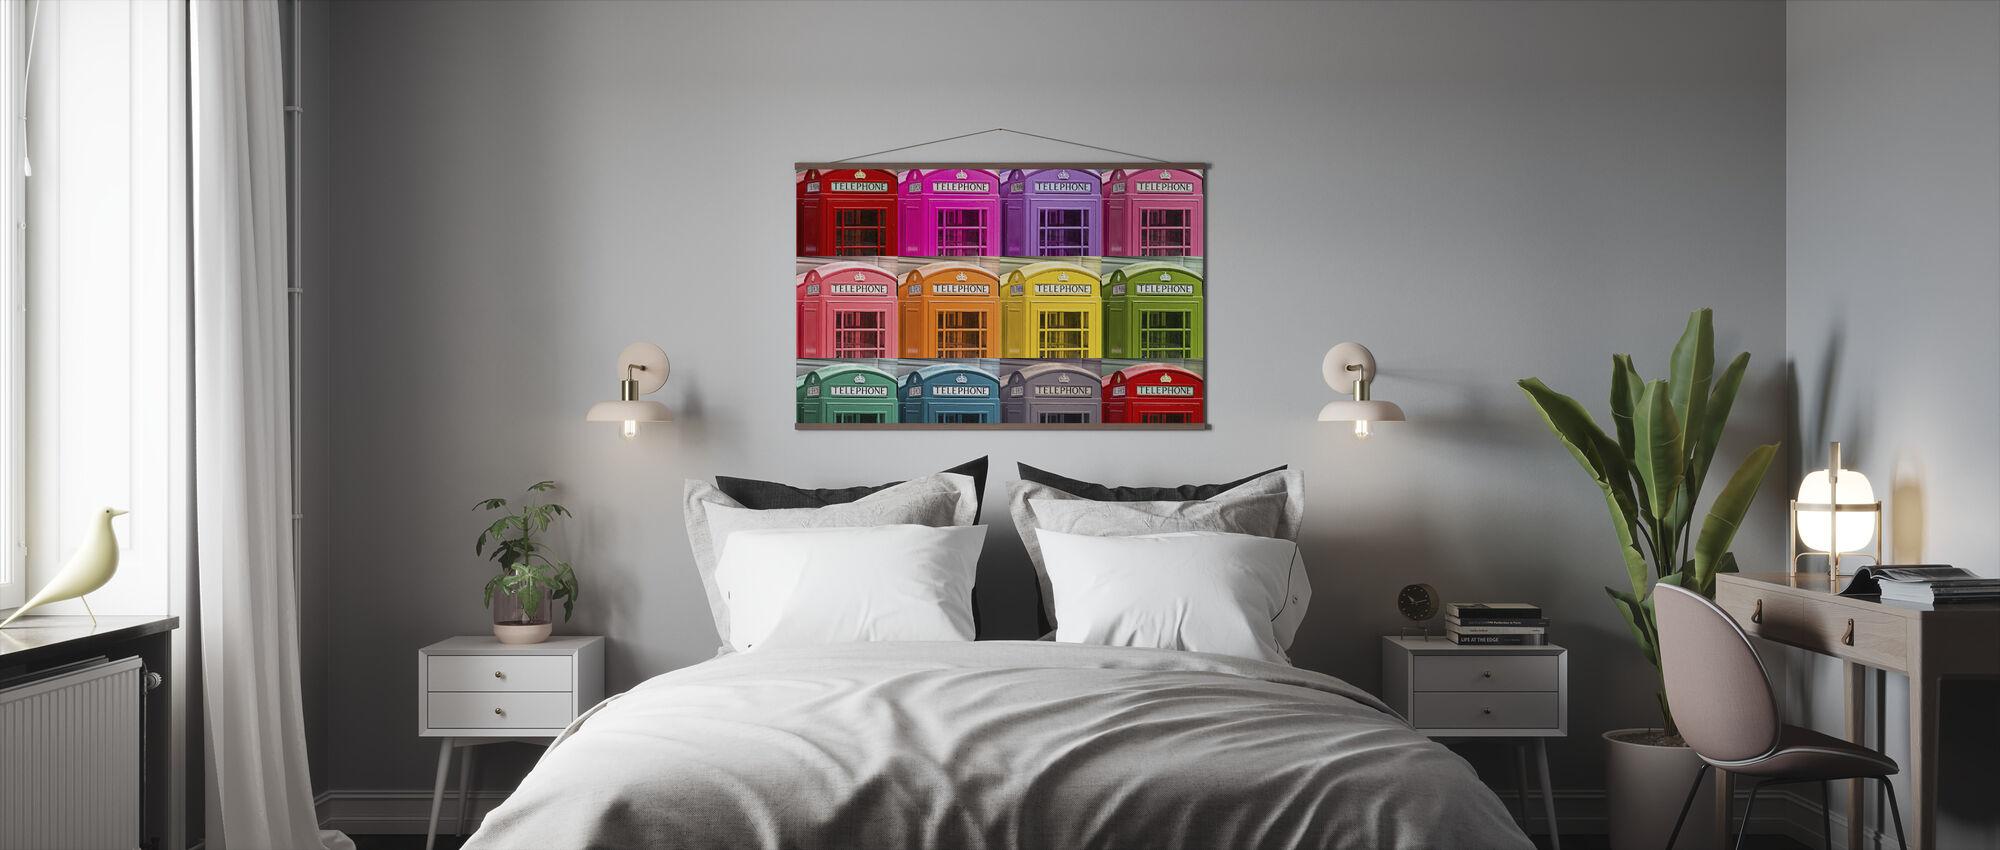 Londen telefooncel Set - Poster - Slaapkamer